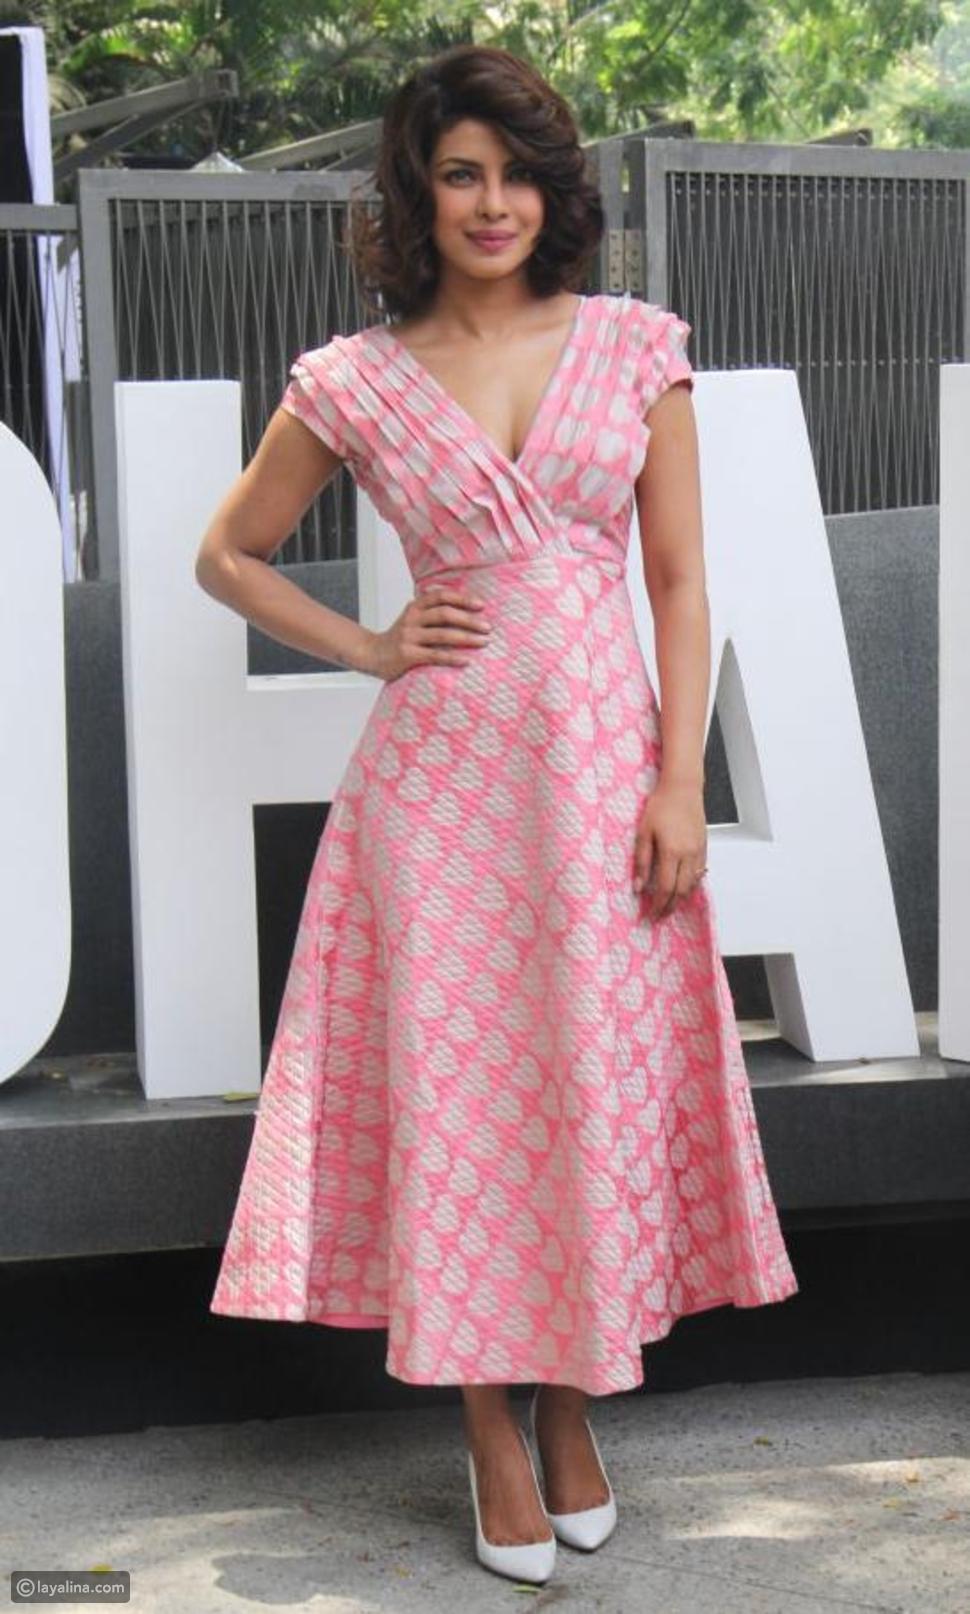 فستان مستوحى من الخمسينات